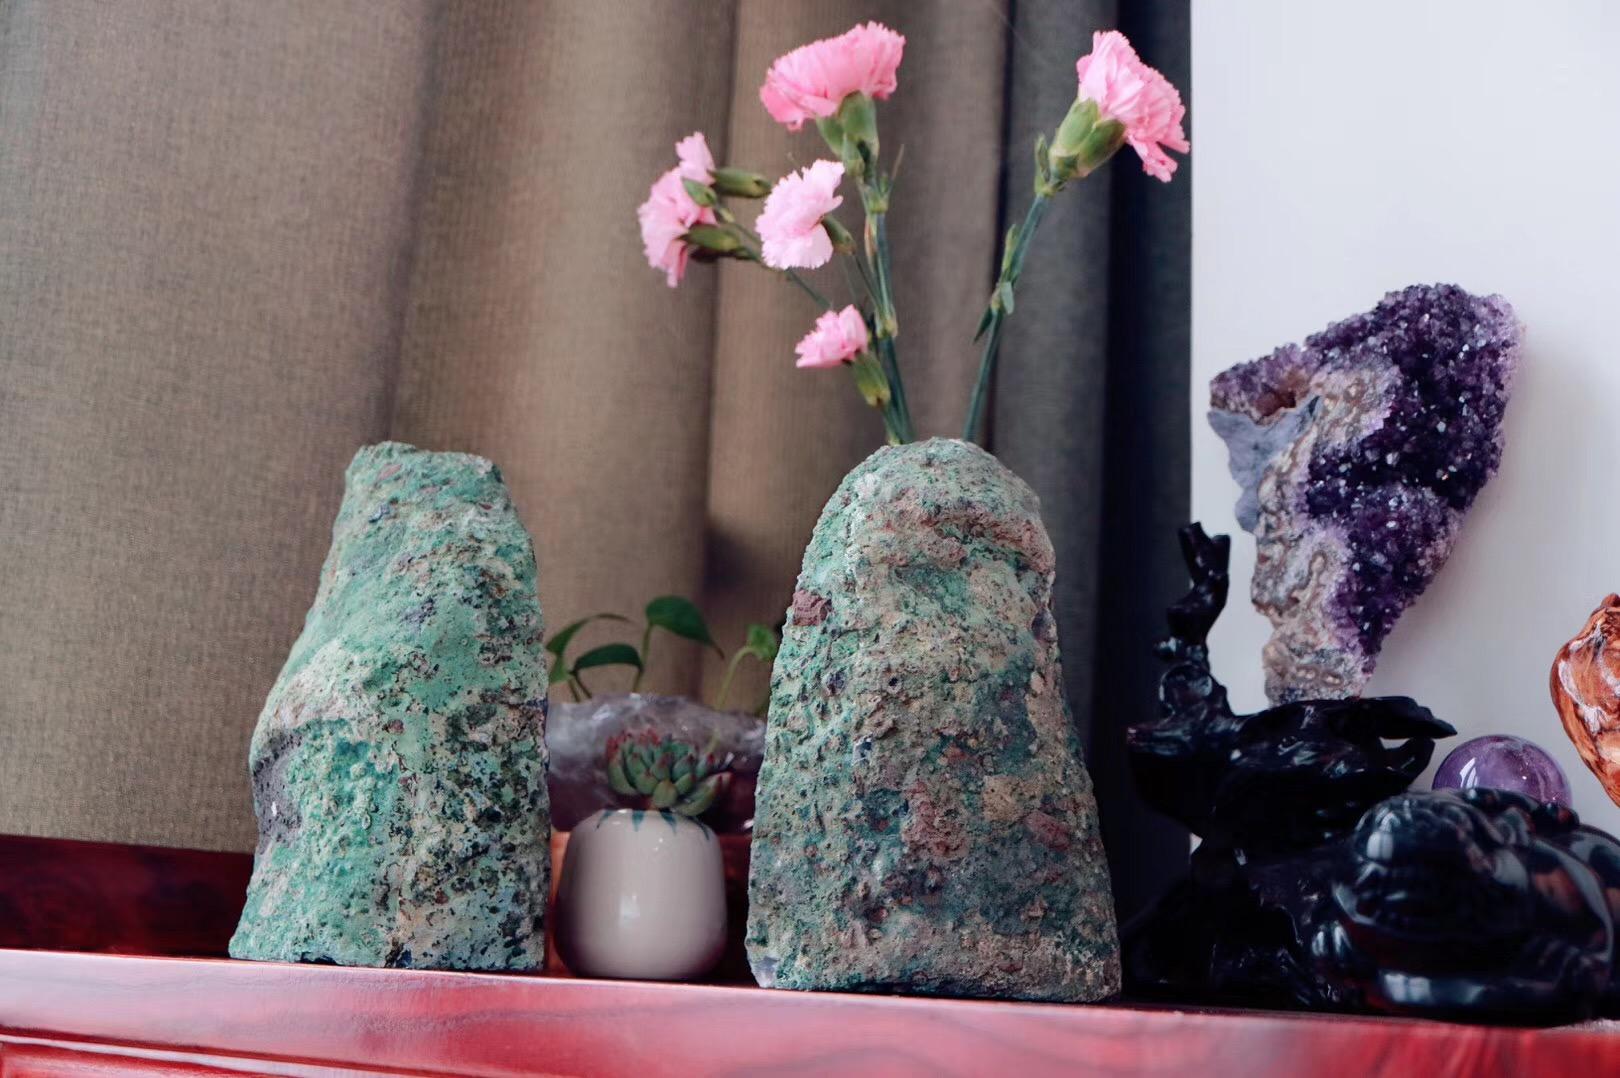 【菩心 | 玛瑙对洞】一对原皮原矿玛瑙洞,极具特色-菩心晶舍